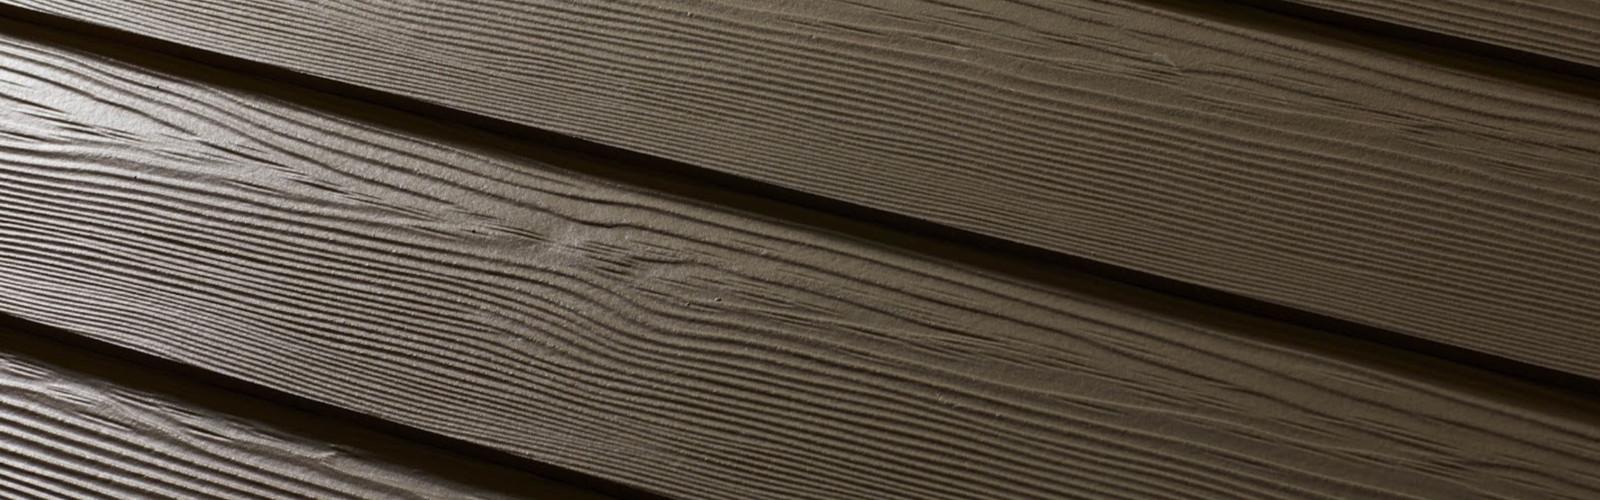 Fiber cement siding alternatives